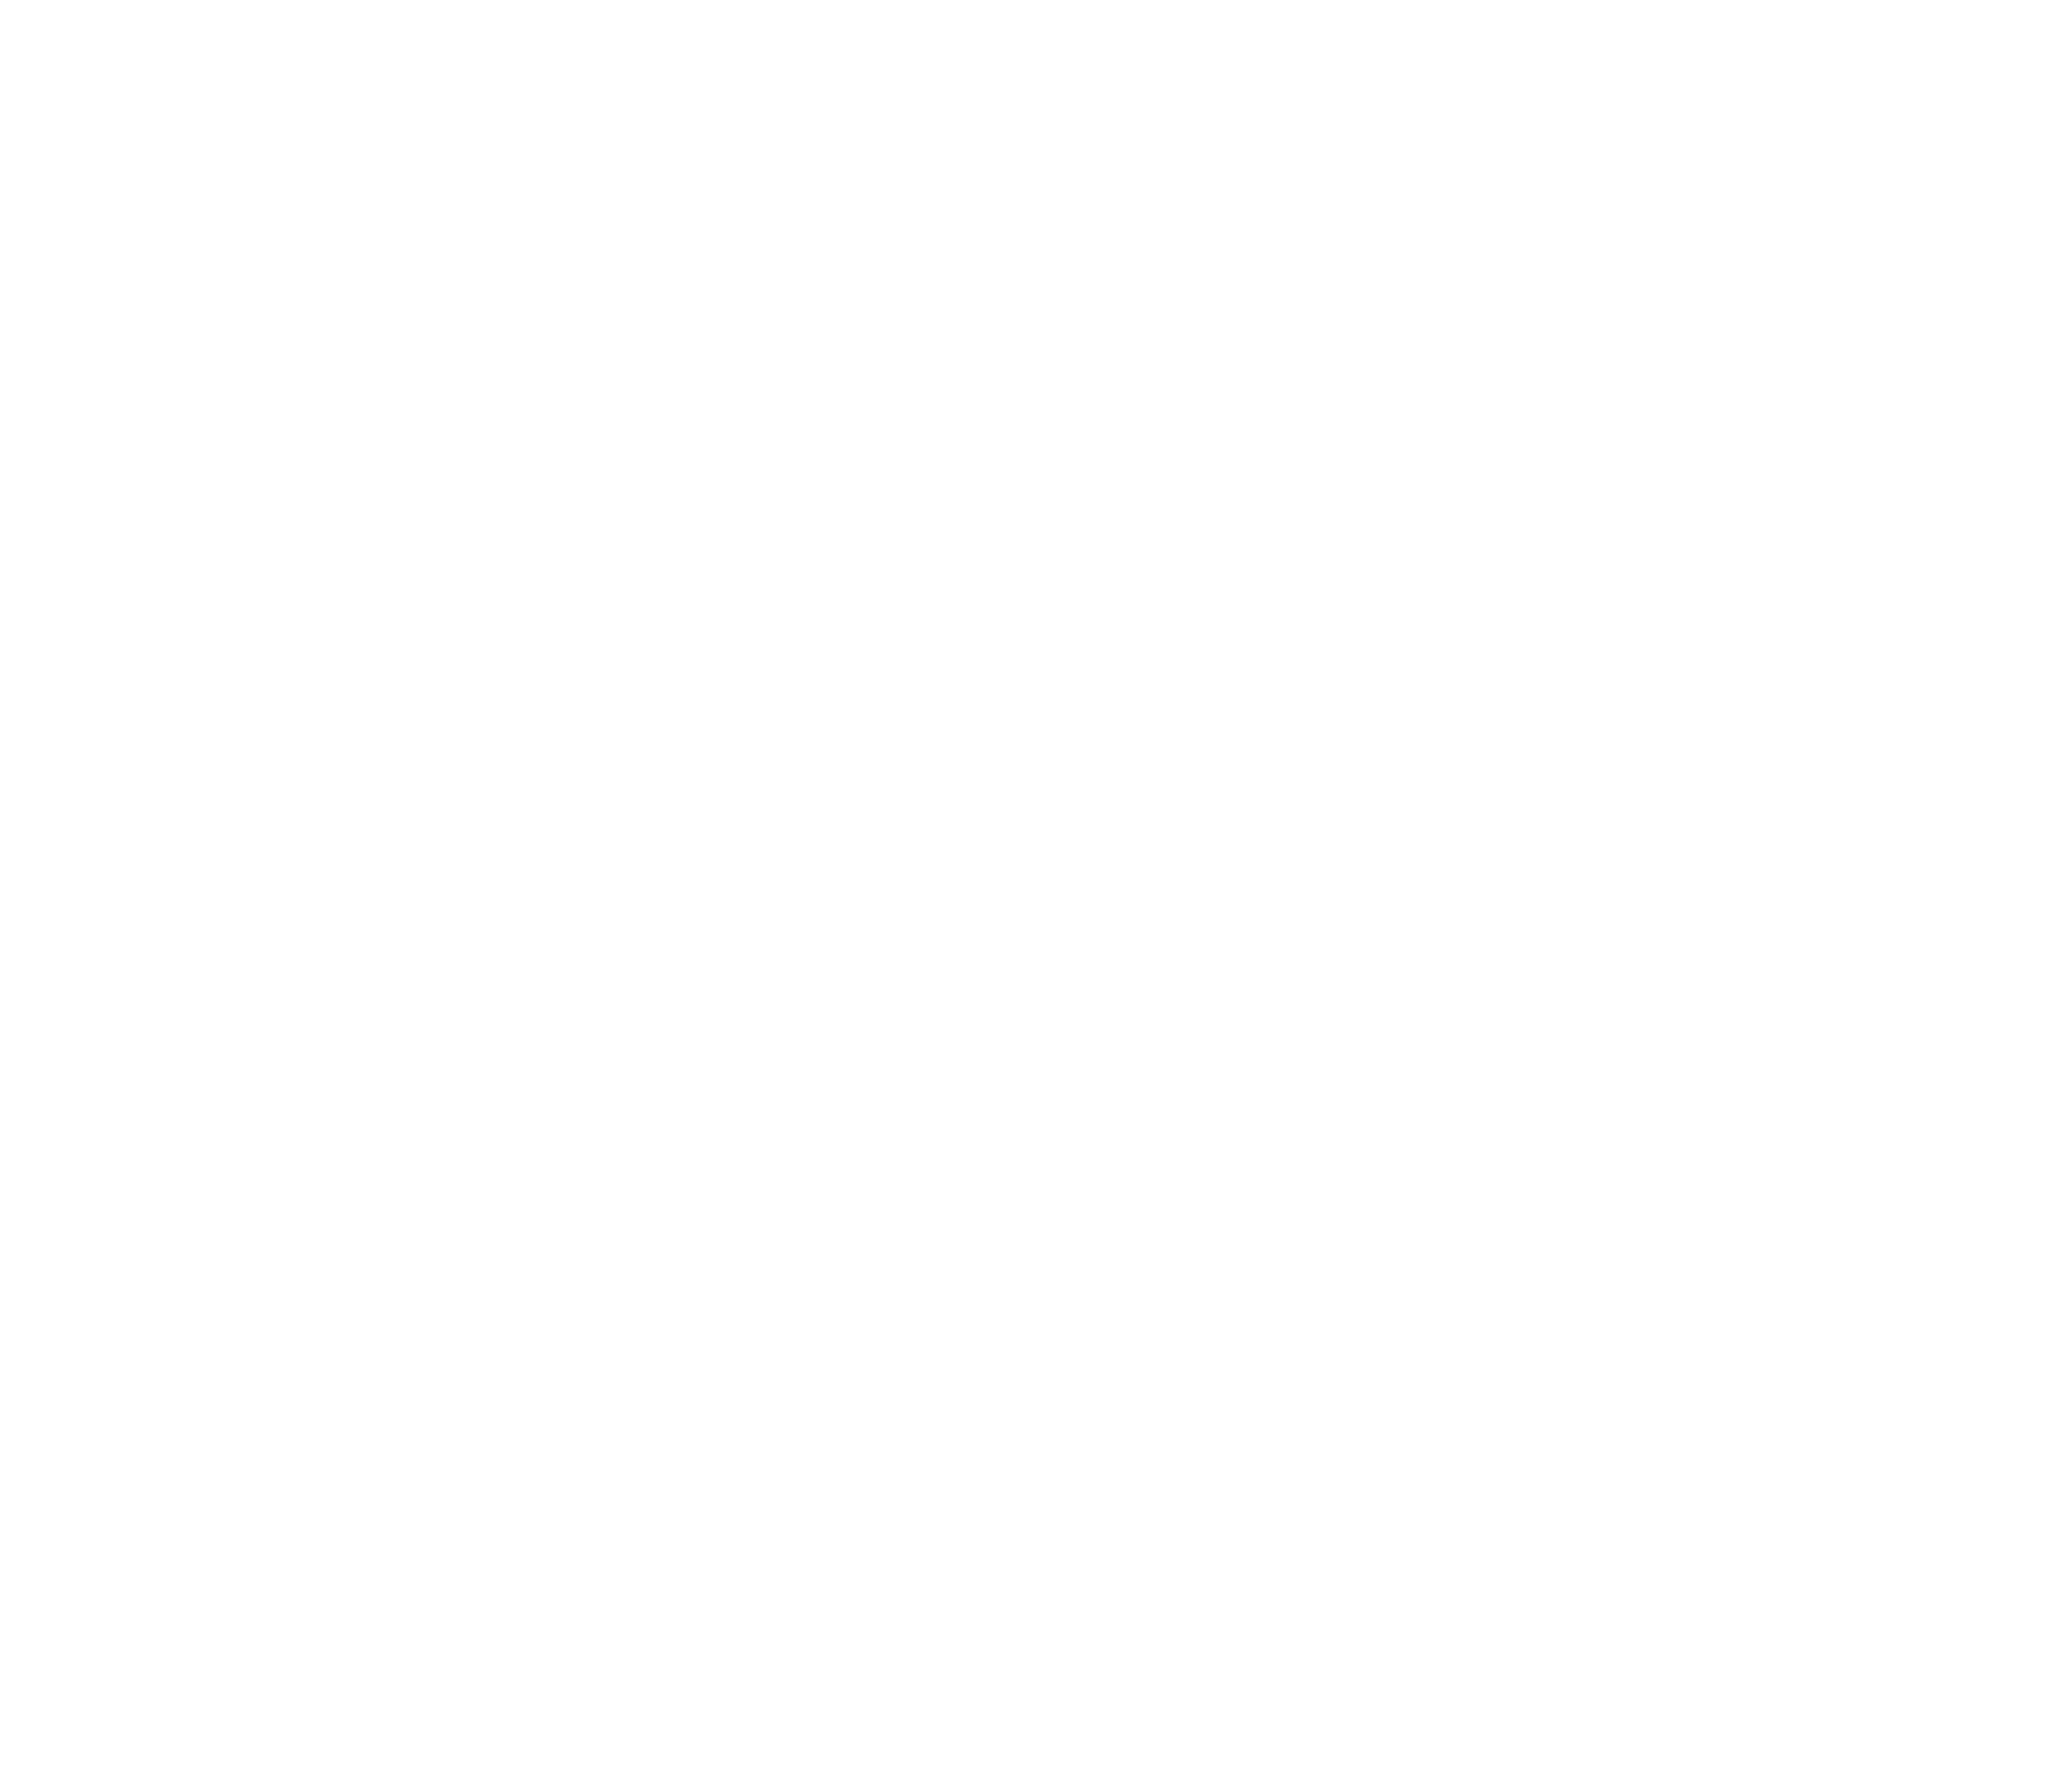 image-vide_MOBILE